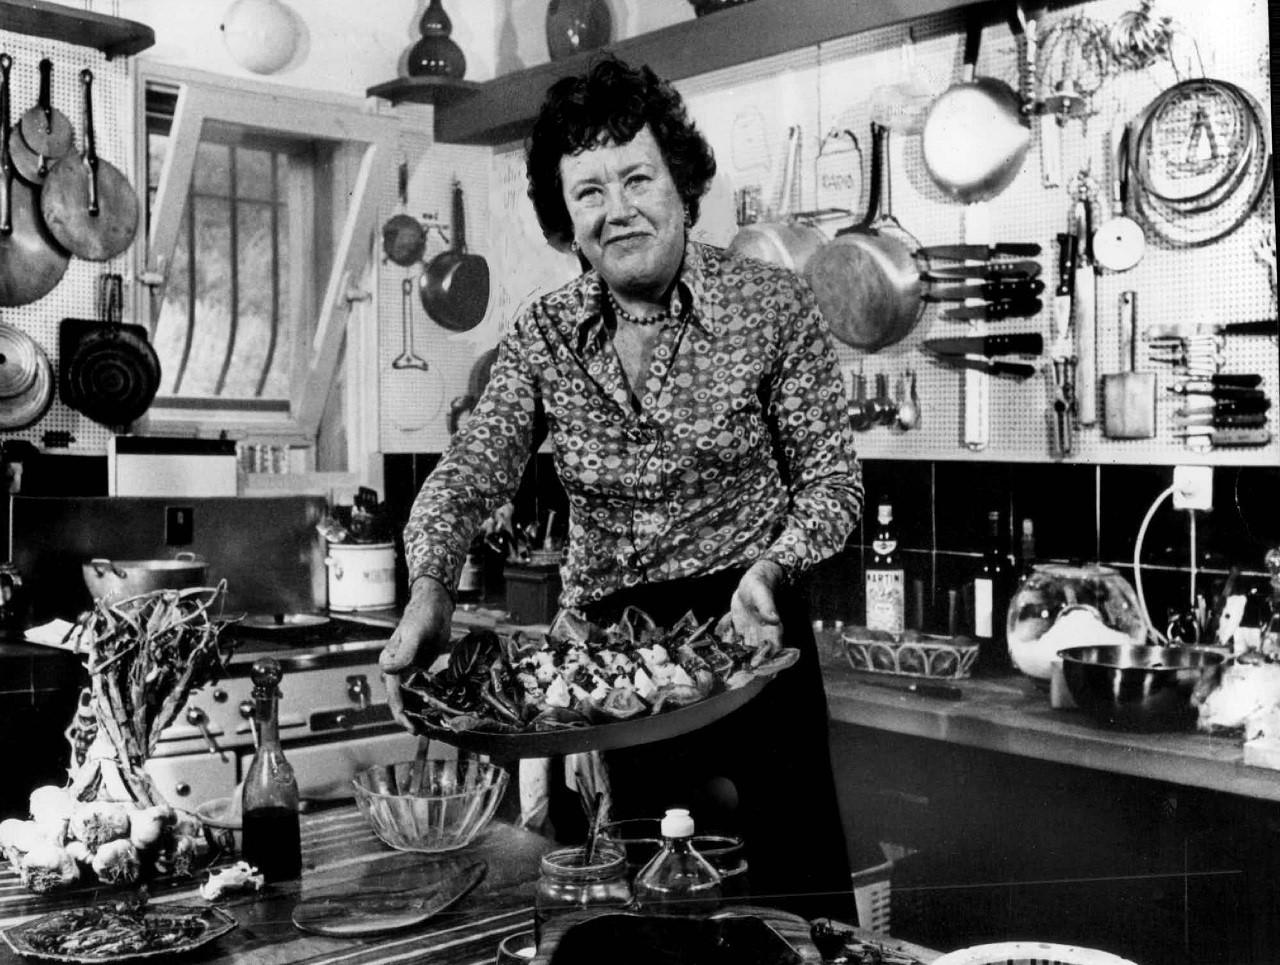 Du học ngành ẩm thực tại Pháp - Thành danh rạng rỡ như Julia Child